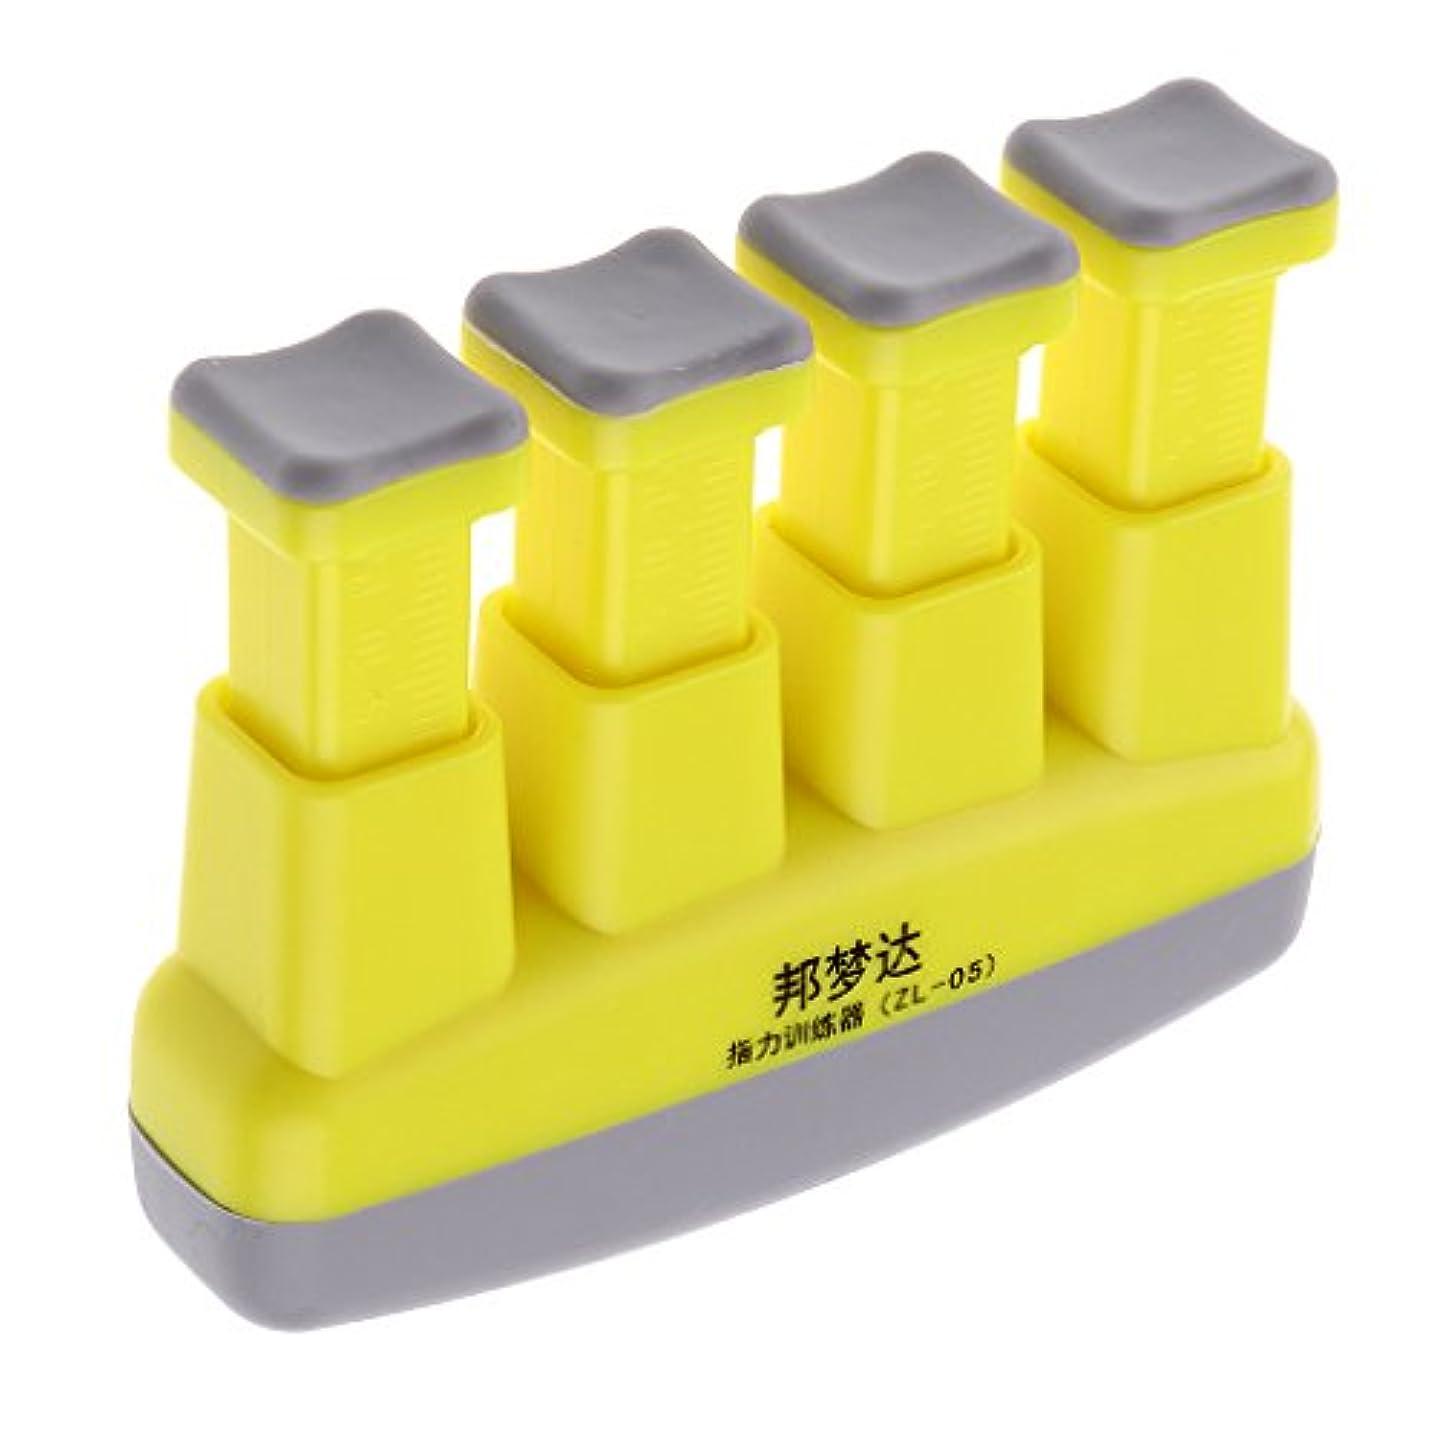 嵐のラフレシアアルノルディシャンパンハンドグリップ エクササイザ 4-6ポンド 調節可 ハンド 手首 腕 グリップ グリッパー 黄色 ABS +シリコン